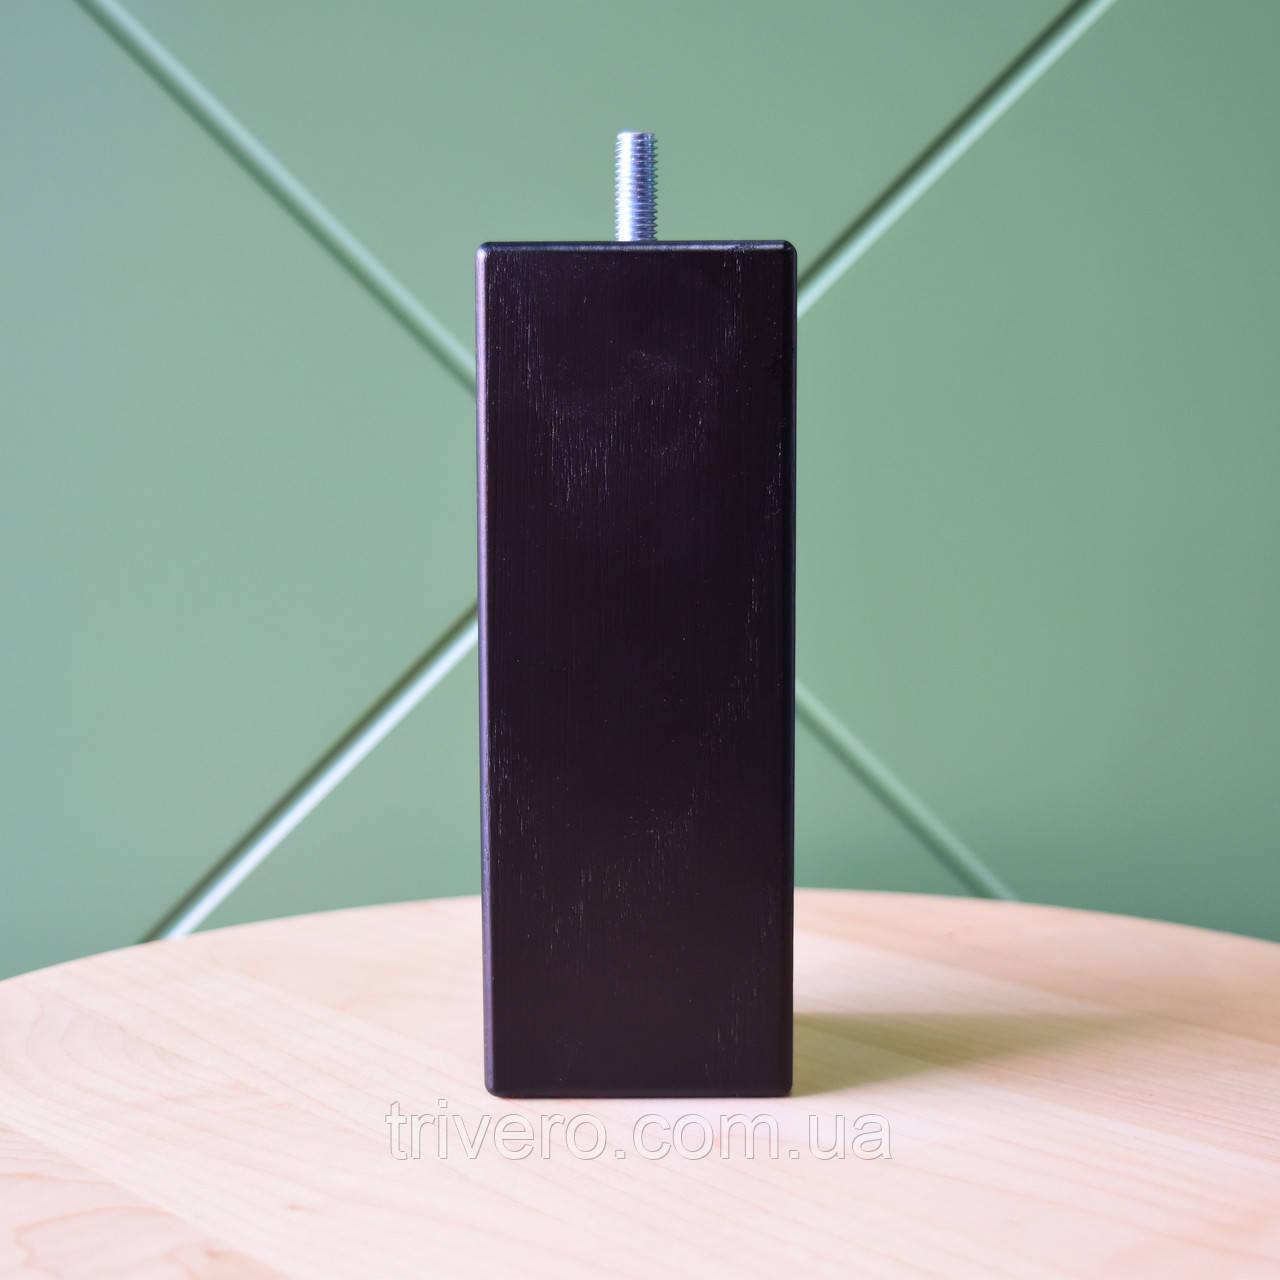 NM-06. Мебельные ножки и опоры деревянные квадратные H.150 D.55*55